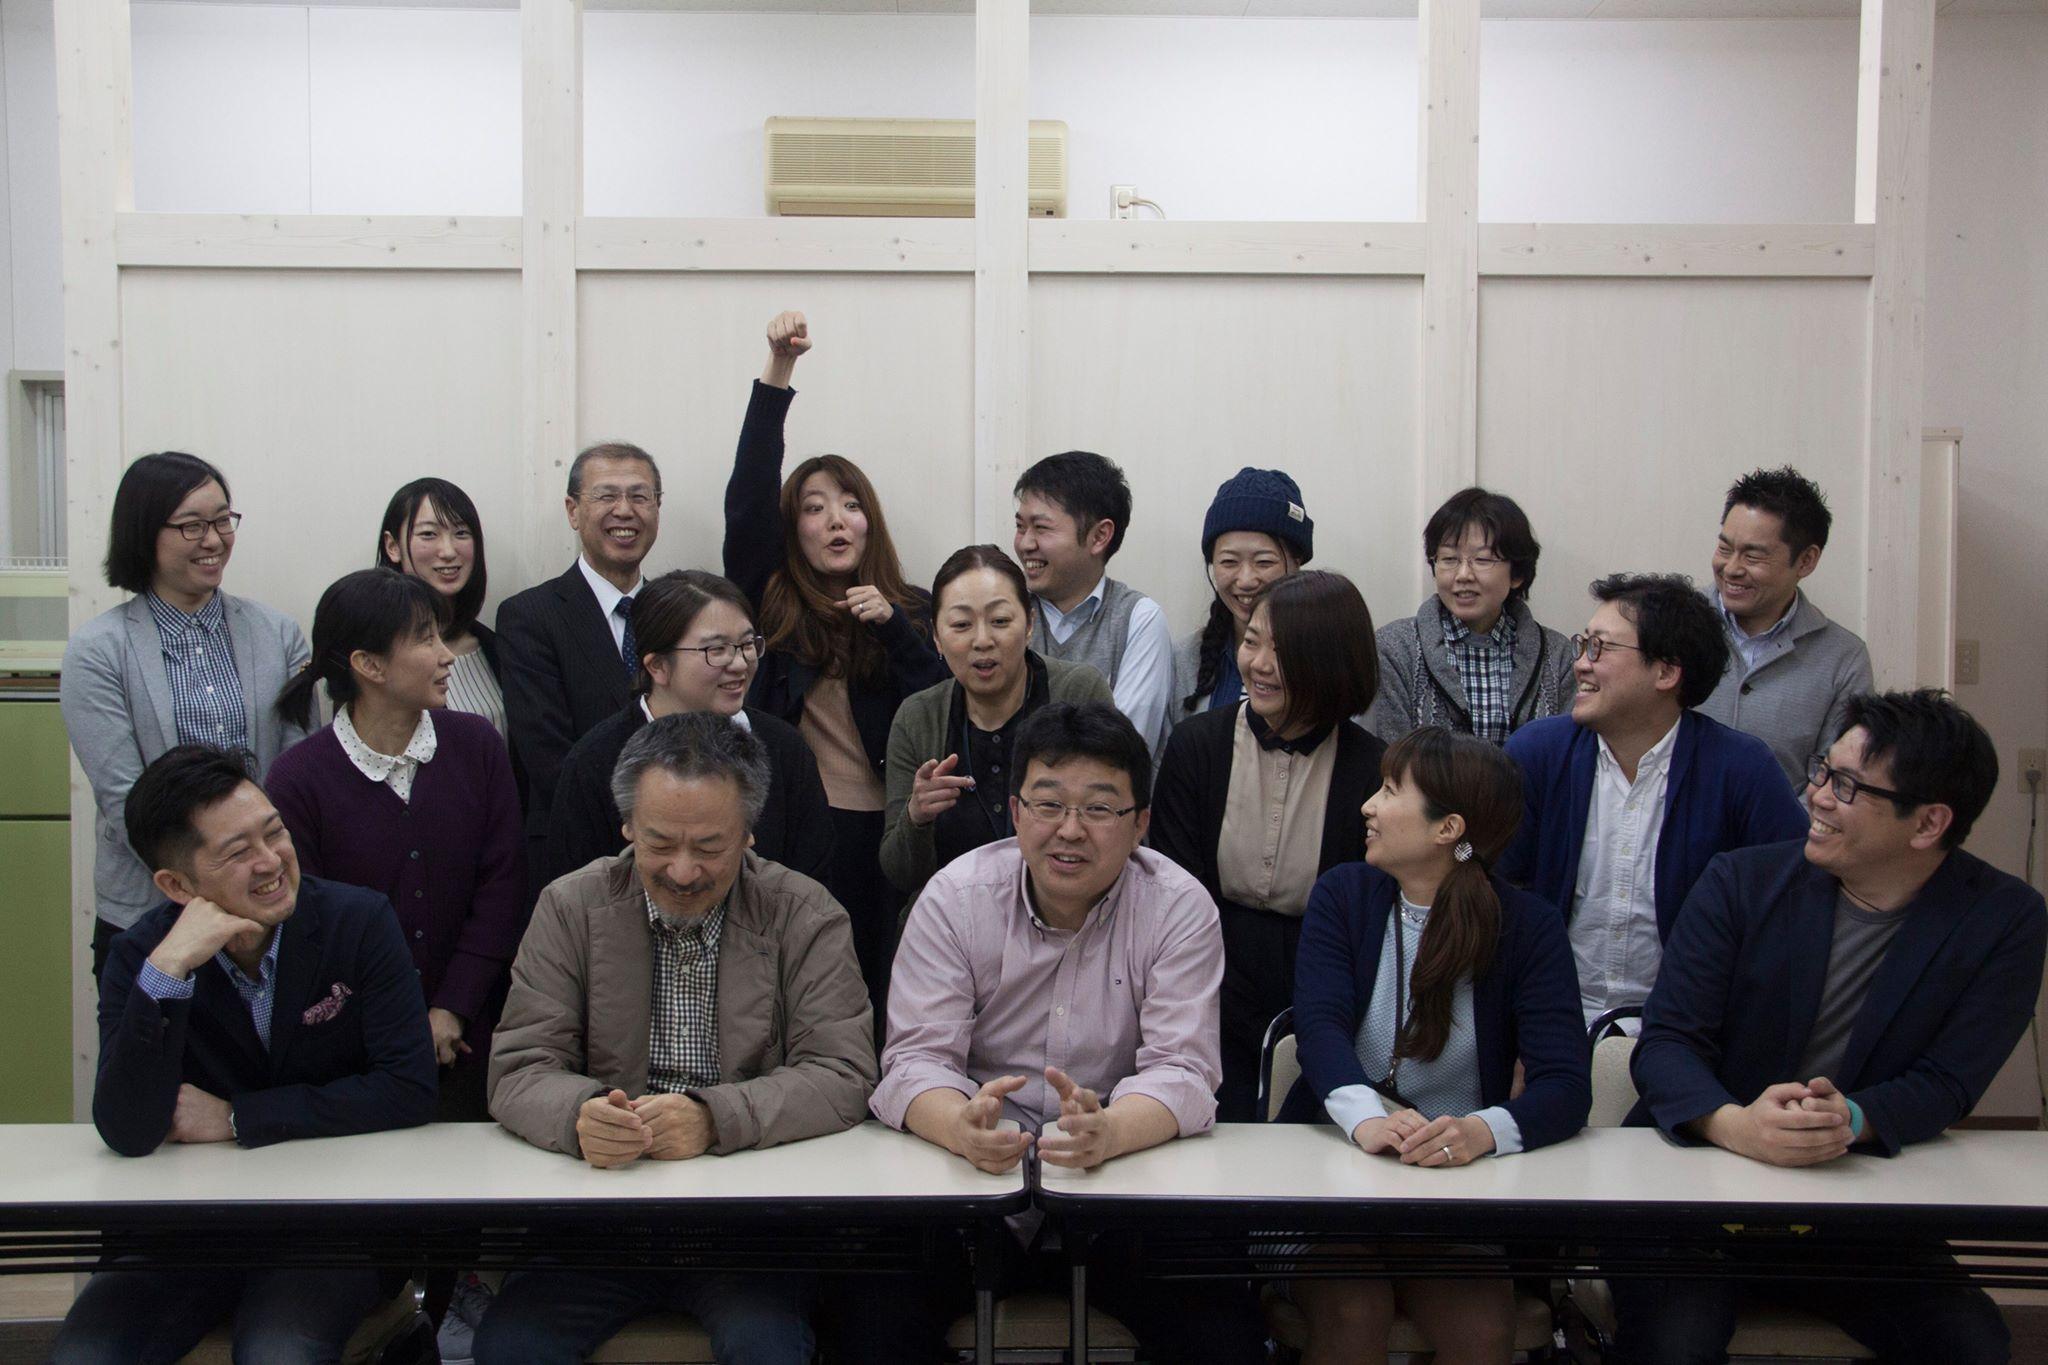 【青森県】NPO法人プラットフォームあおもり